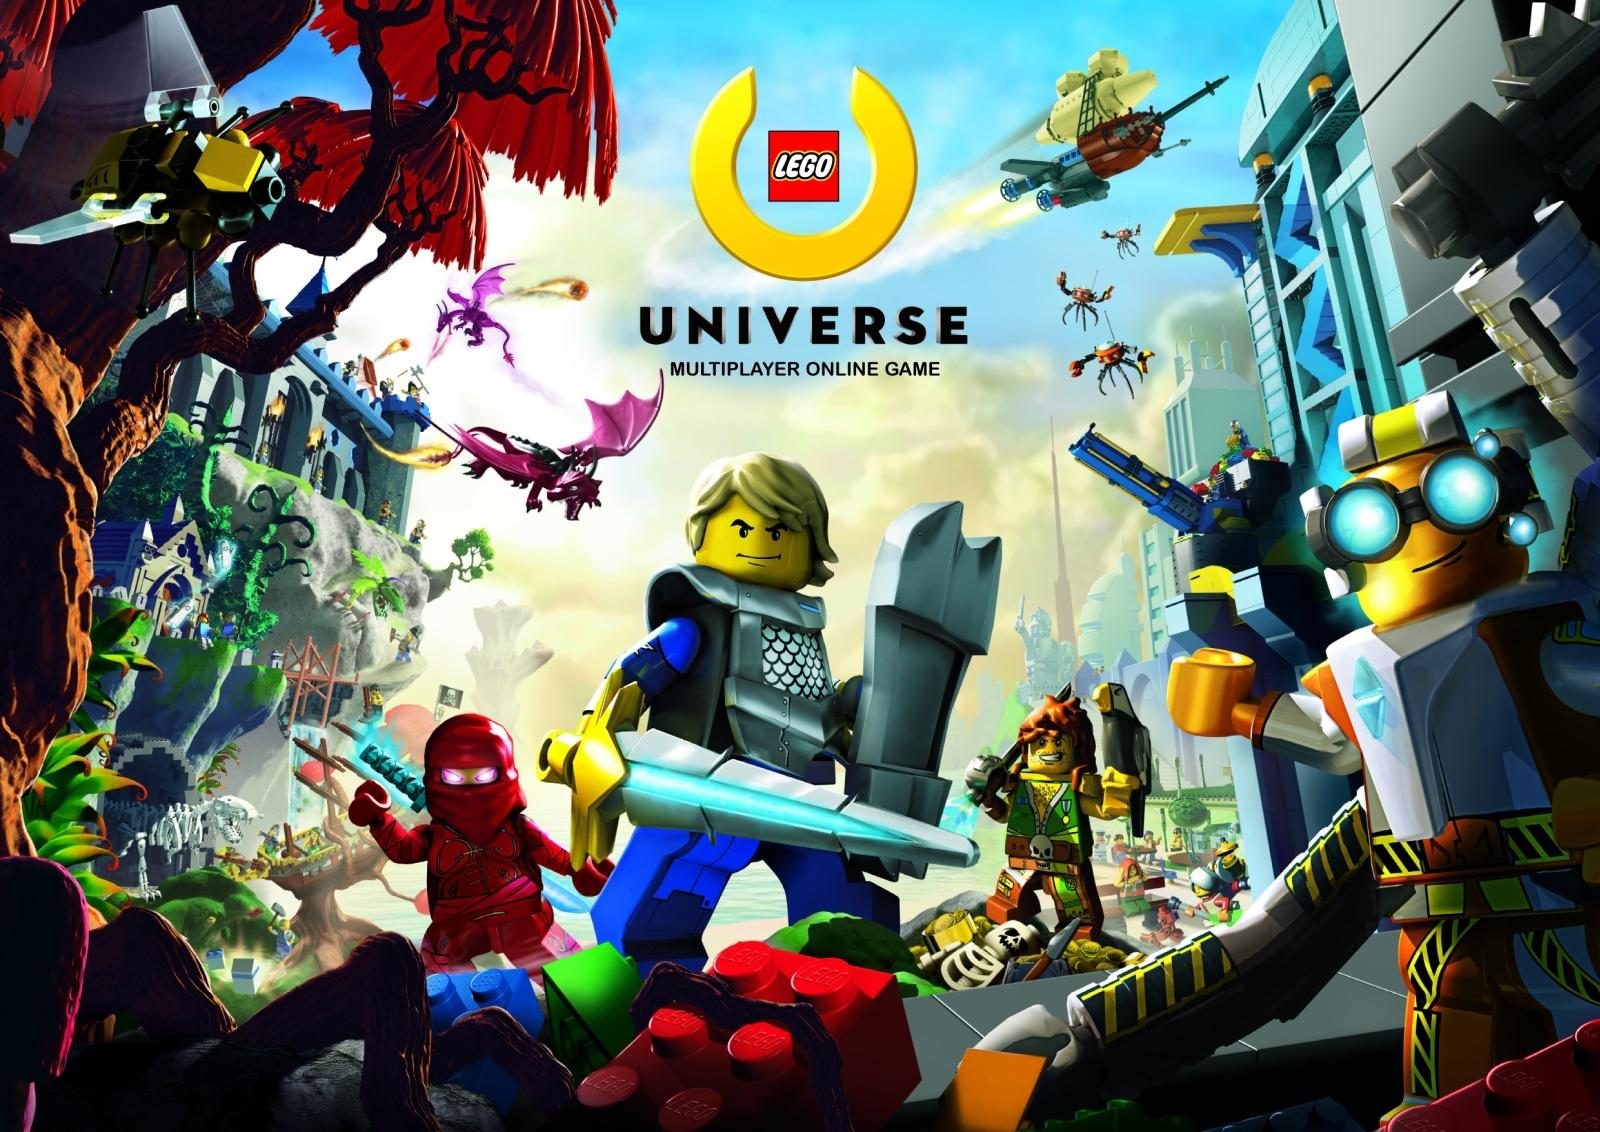 Www Lego Com Spiele